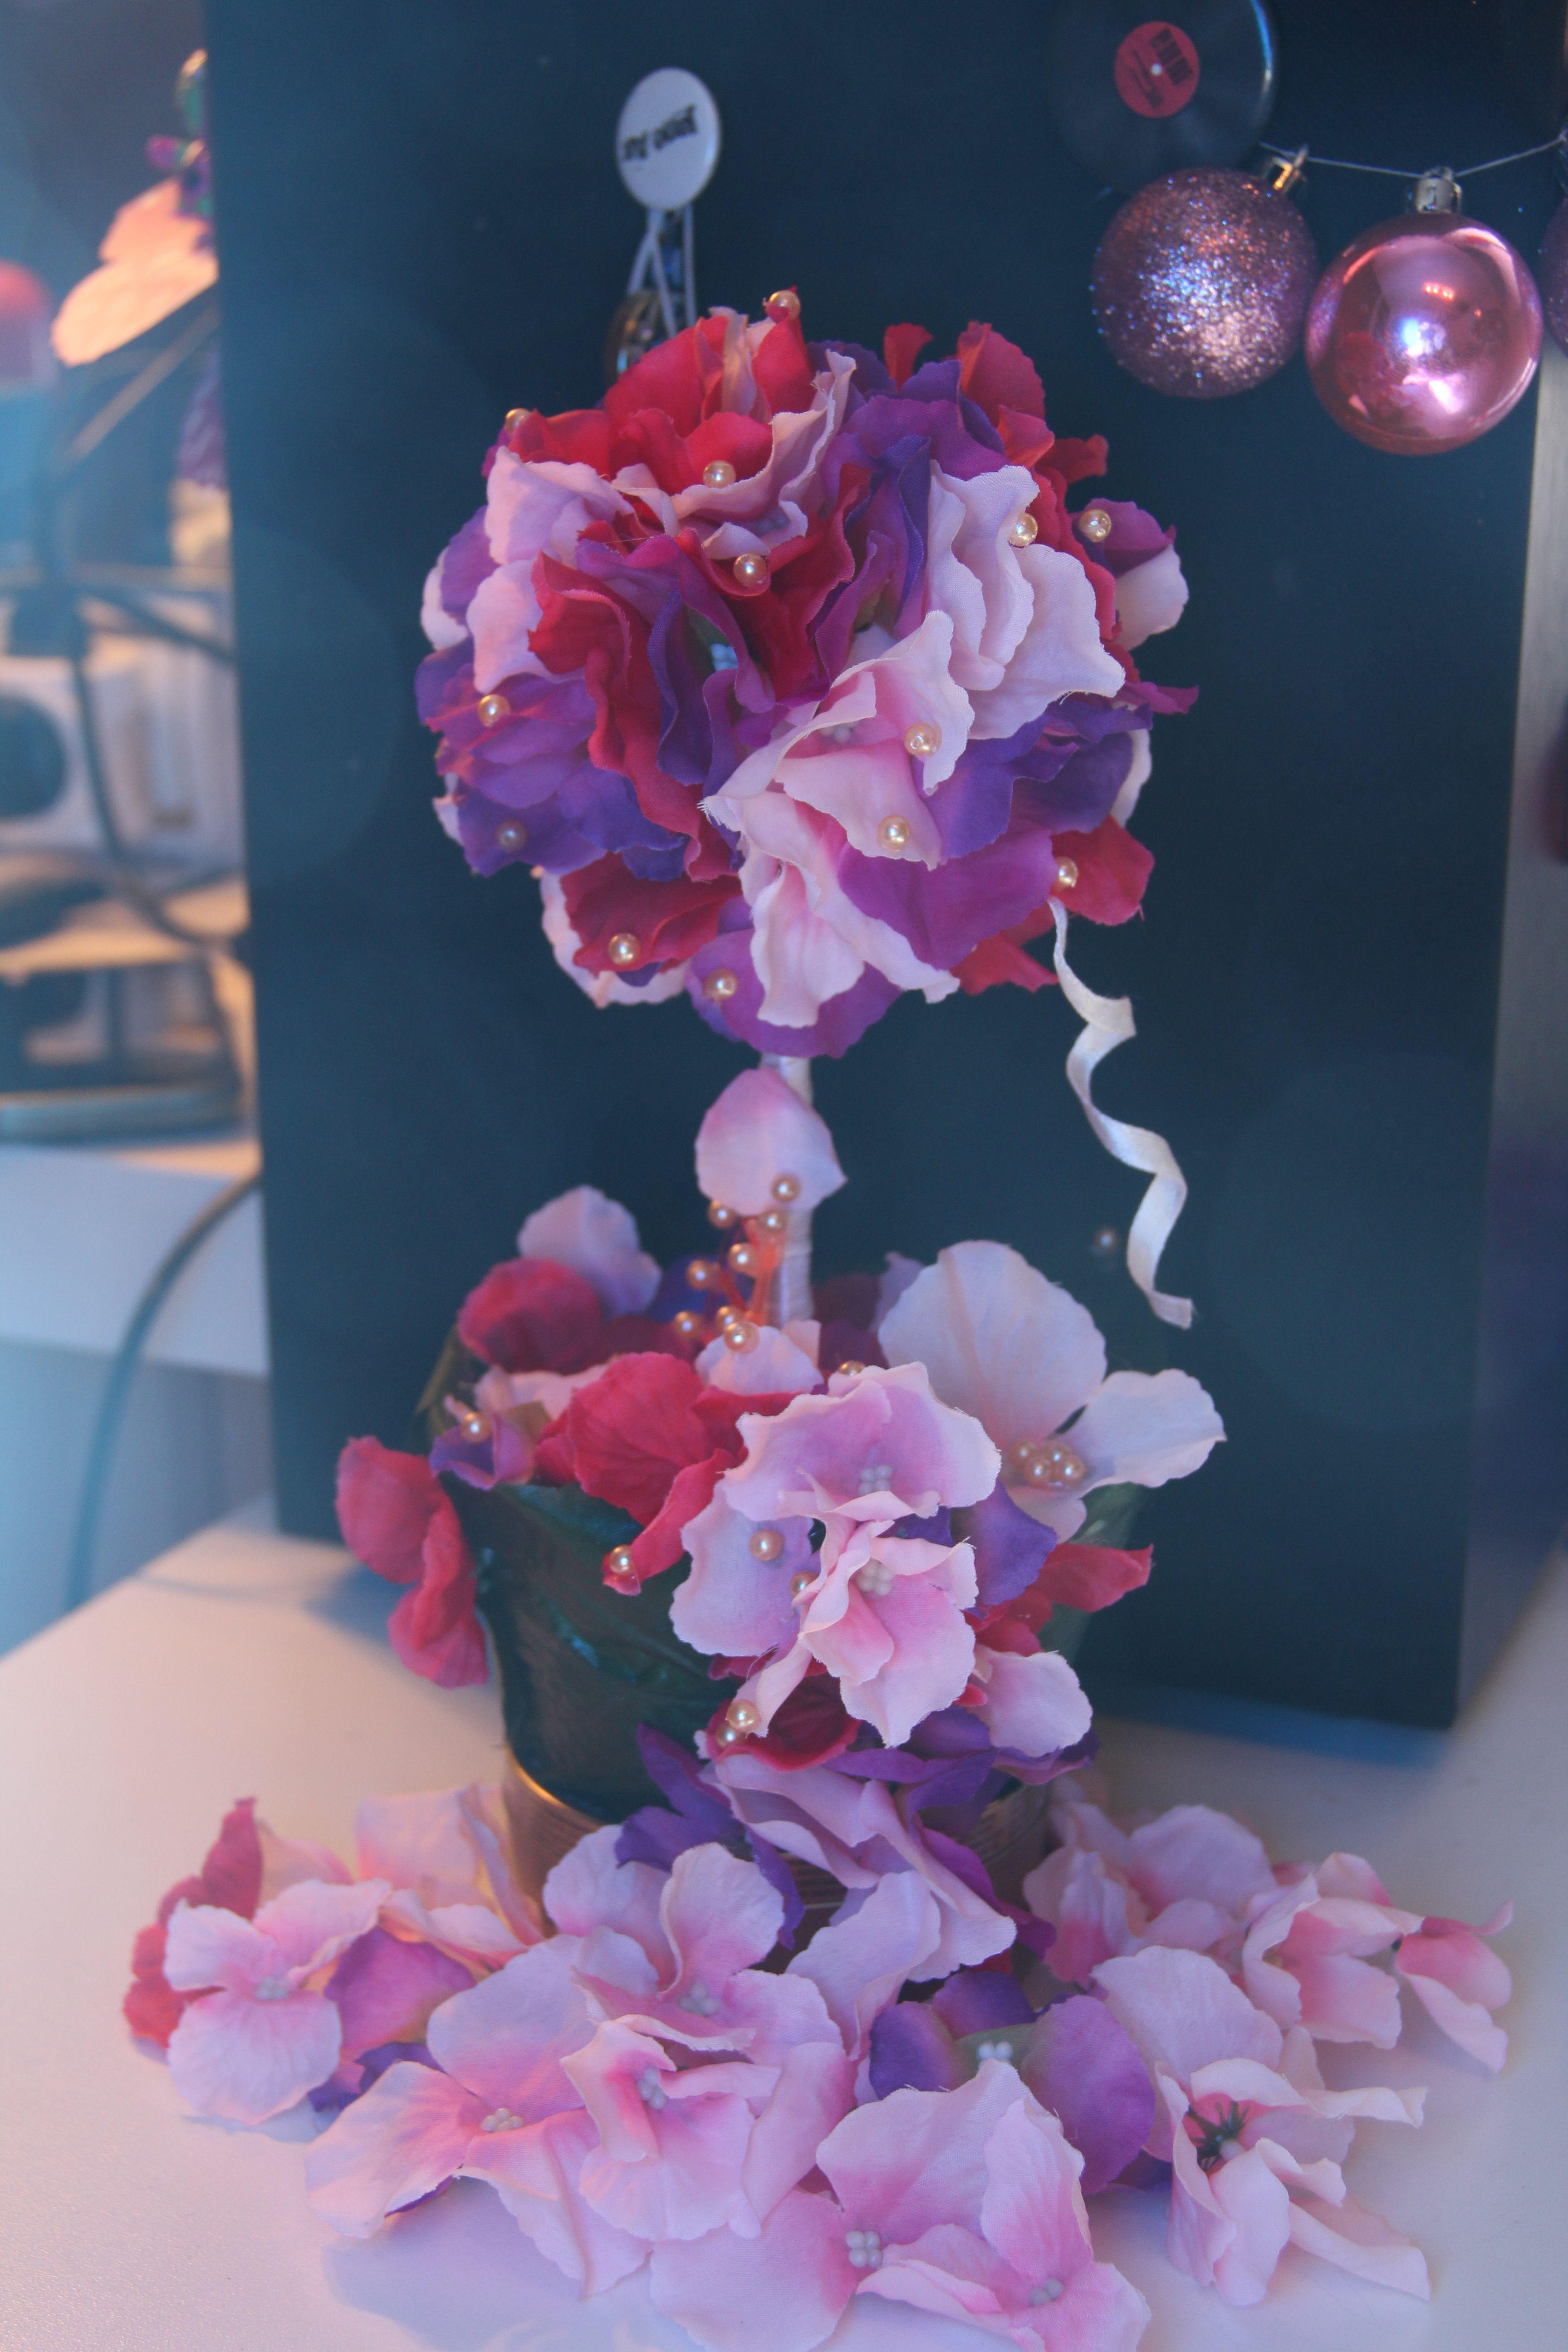 деревце_счастья топиарий дерево счастье розовый нежность красный подарок